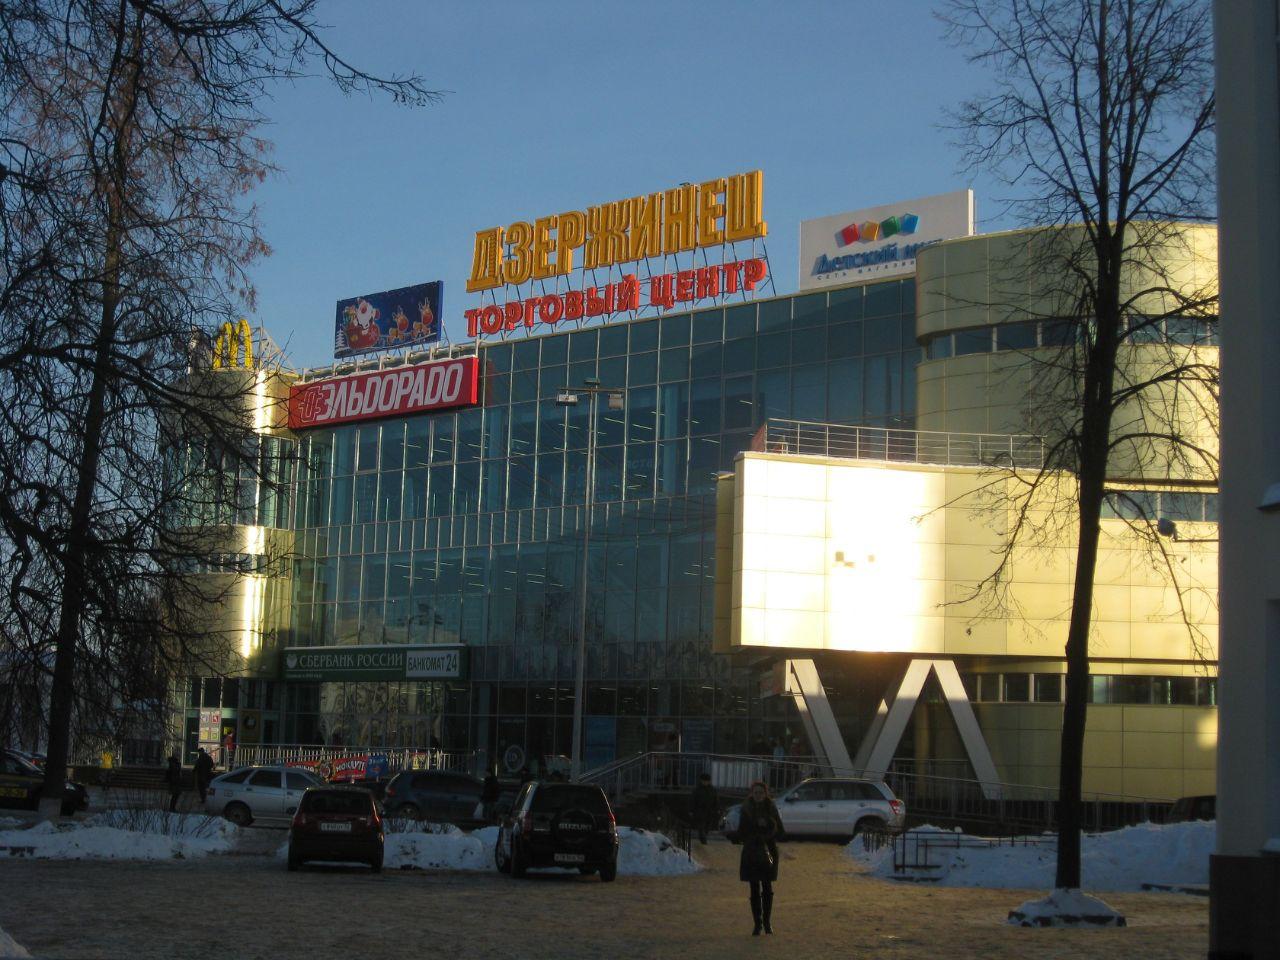 51dbc767d180 Про торговый центр. Торговый Центр Дзержинец находится по адресу  Нижегородская область, Дзержинск ...